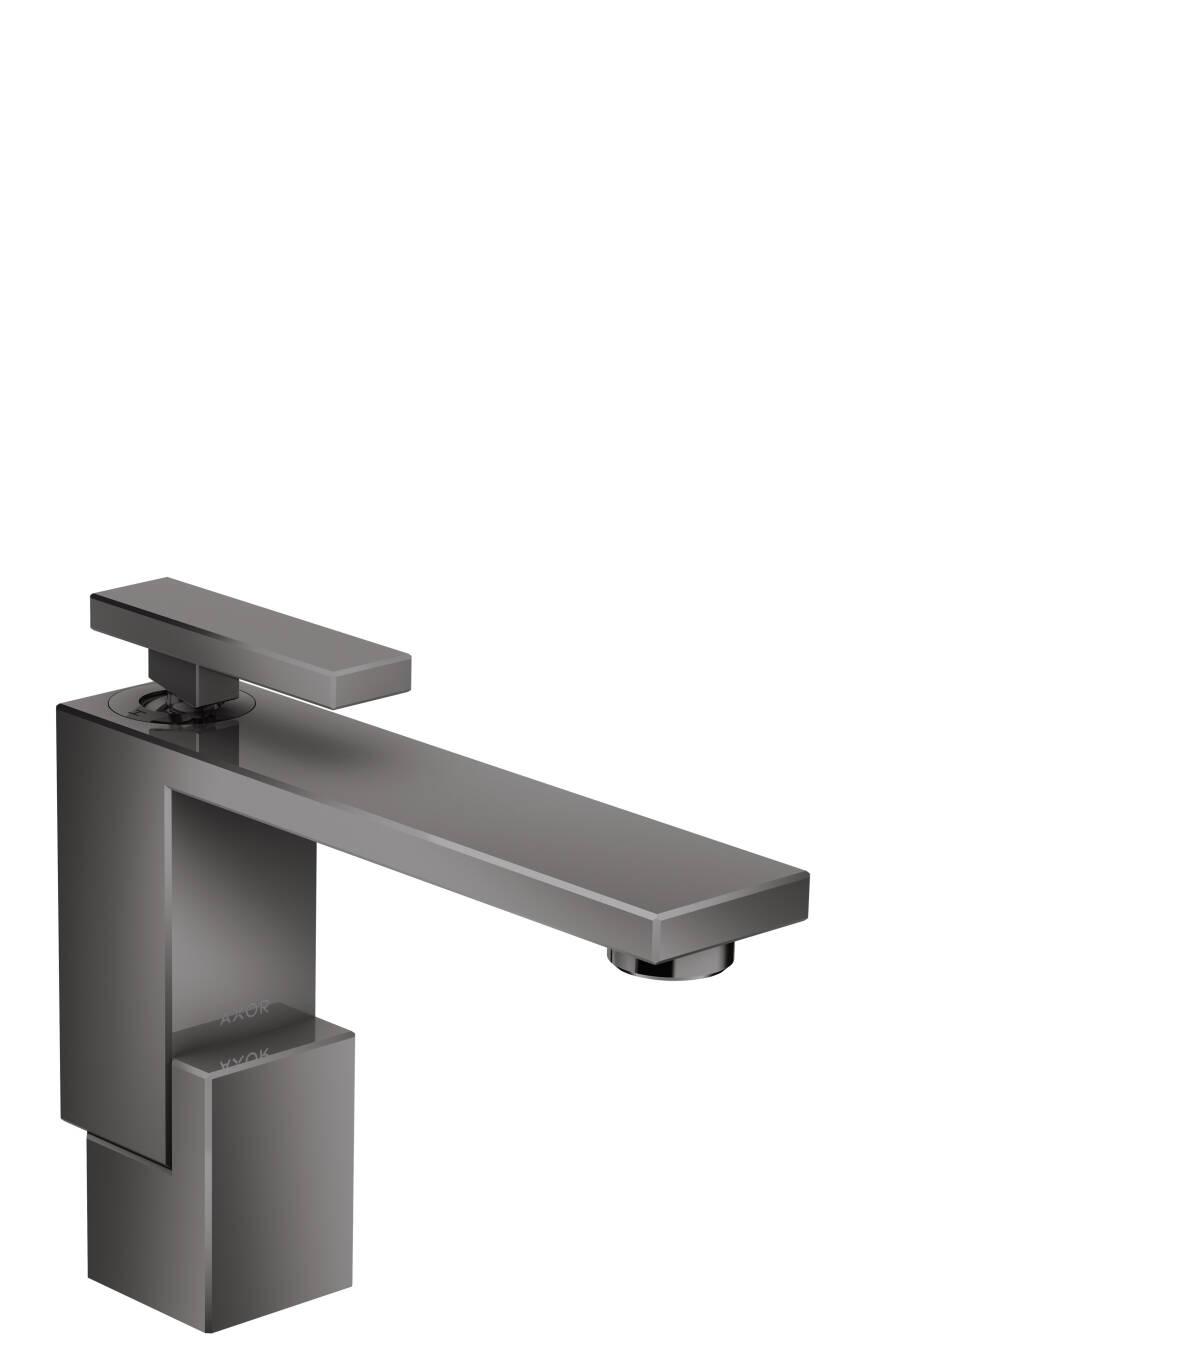 Mezclador monomando de lavabo 130 con vaciador push-open, cromo negro pulido, 46010330